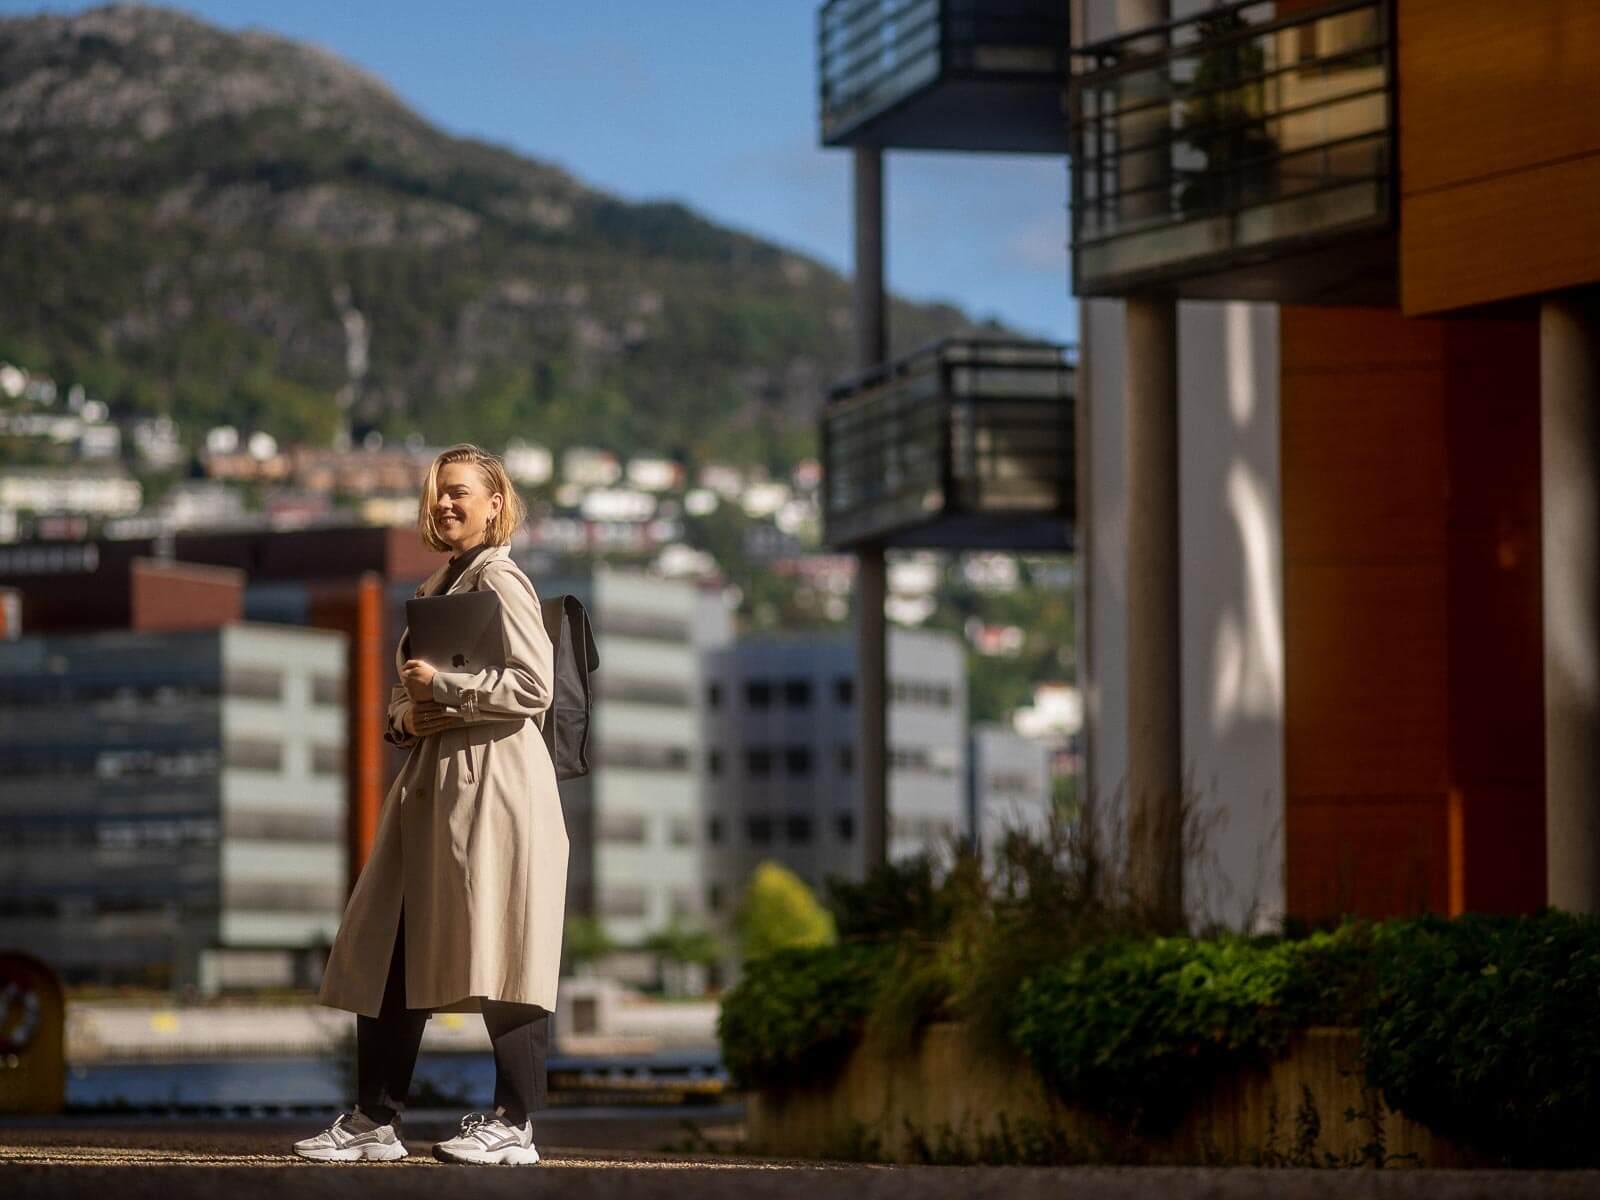 Kvinne nyter solen på damsgård med laptop i hånden